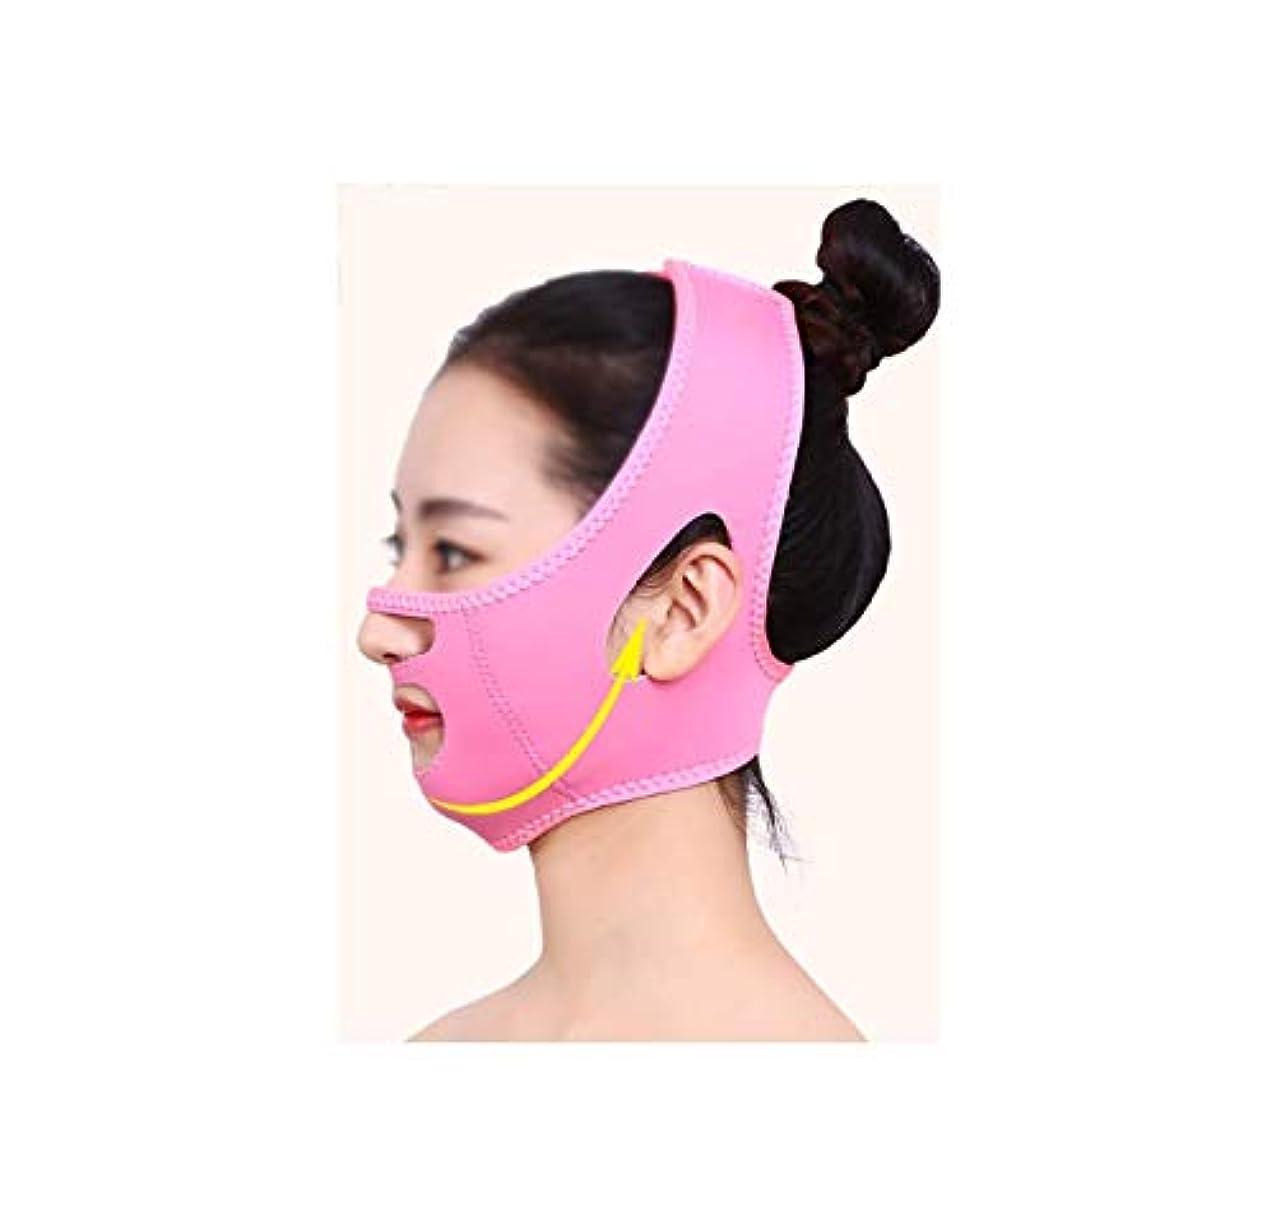 報酬ハード責フェイスリフトマスク、フェイシャルマスク薄い顔マシン美容器具ローラー顔面薄い顔Vフェイスマスクダブルあご包帯アーティファクト